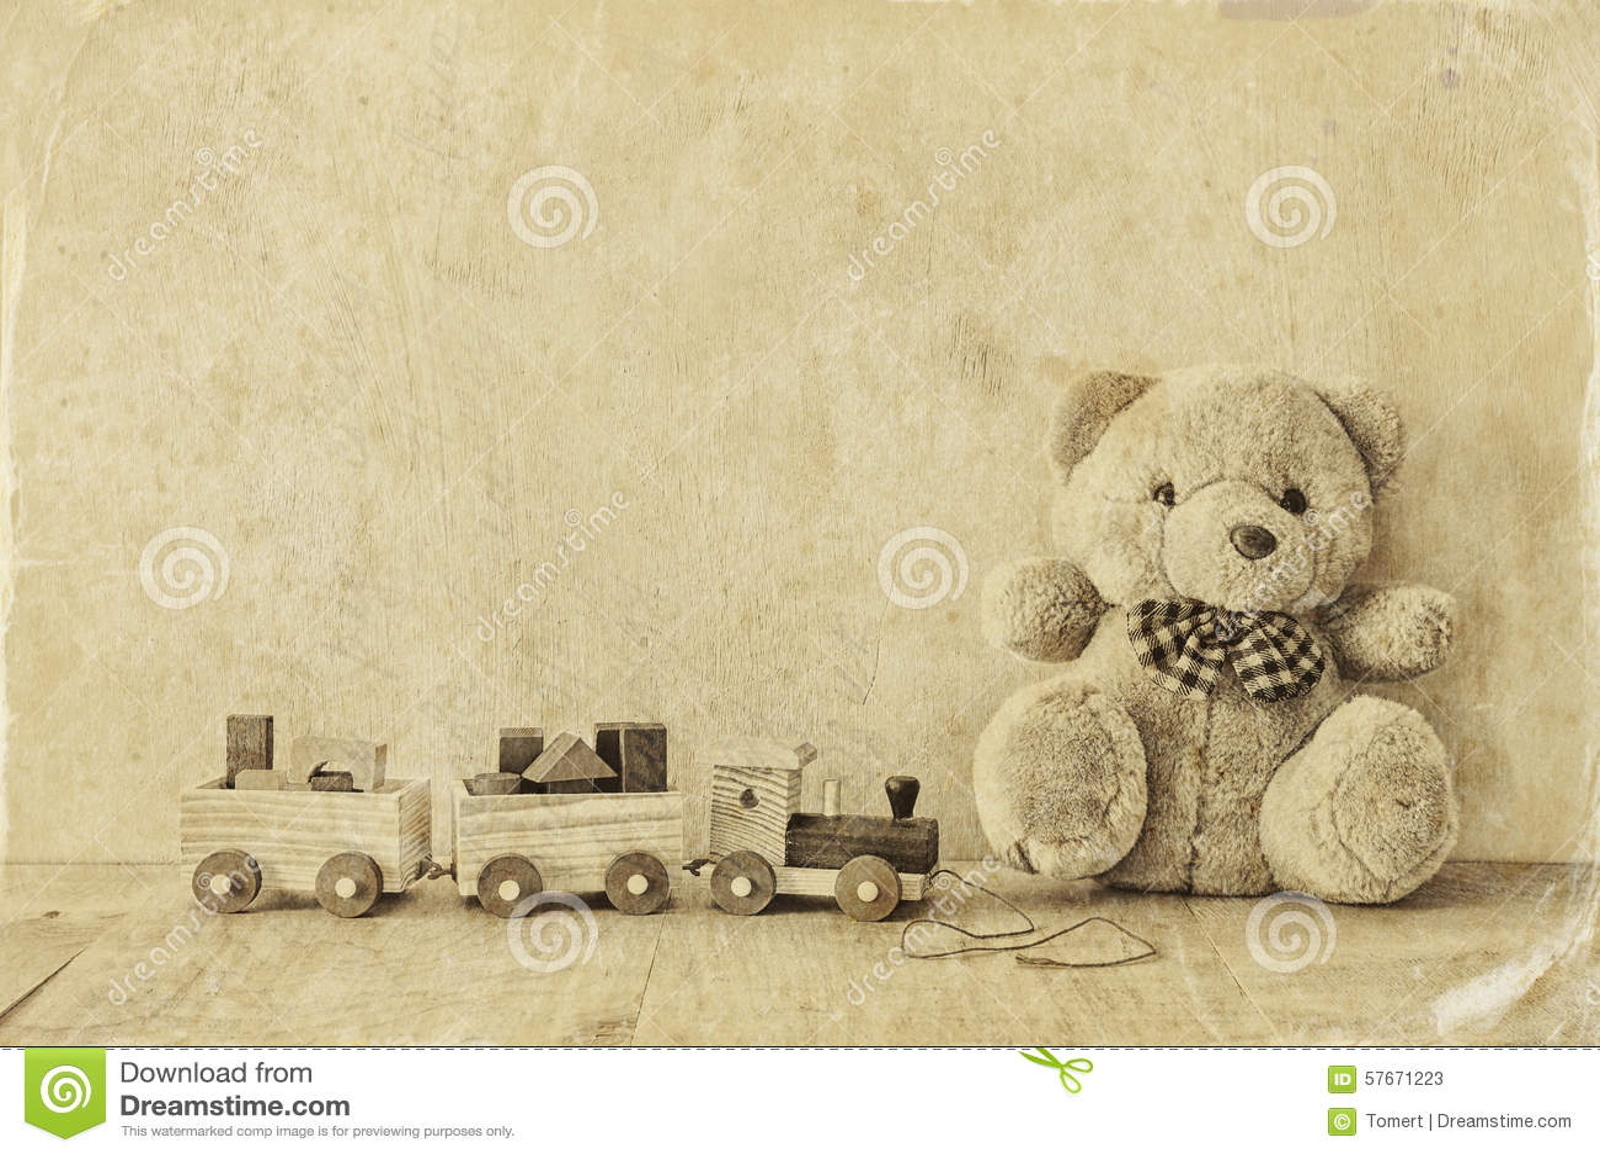 Drewniany zabawka pociąg, miś nad drewnianą podłoga i Czarny i biały stylowa fotografia